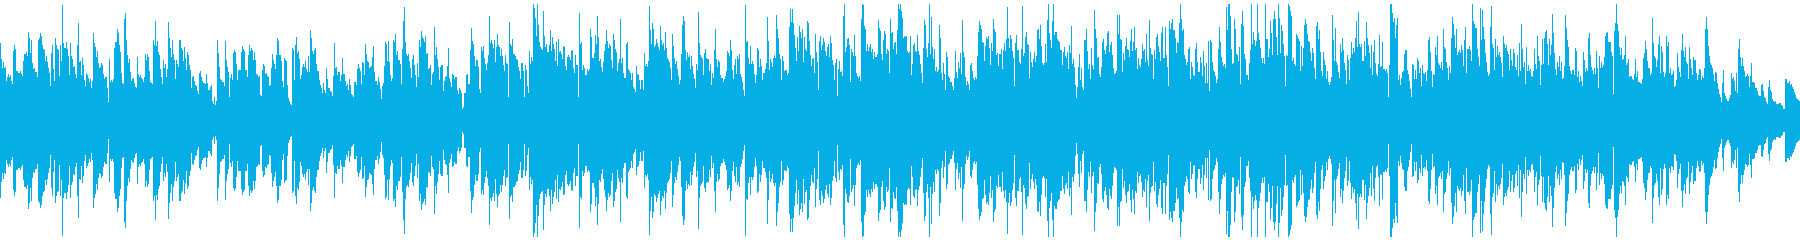 ふんわり優しいソフトジャズ ※ループ版の再生済みの波形